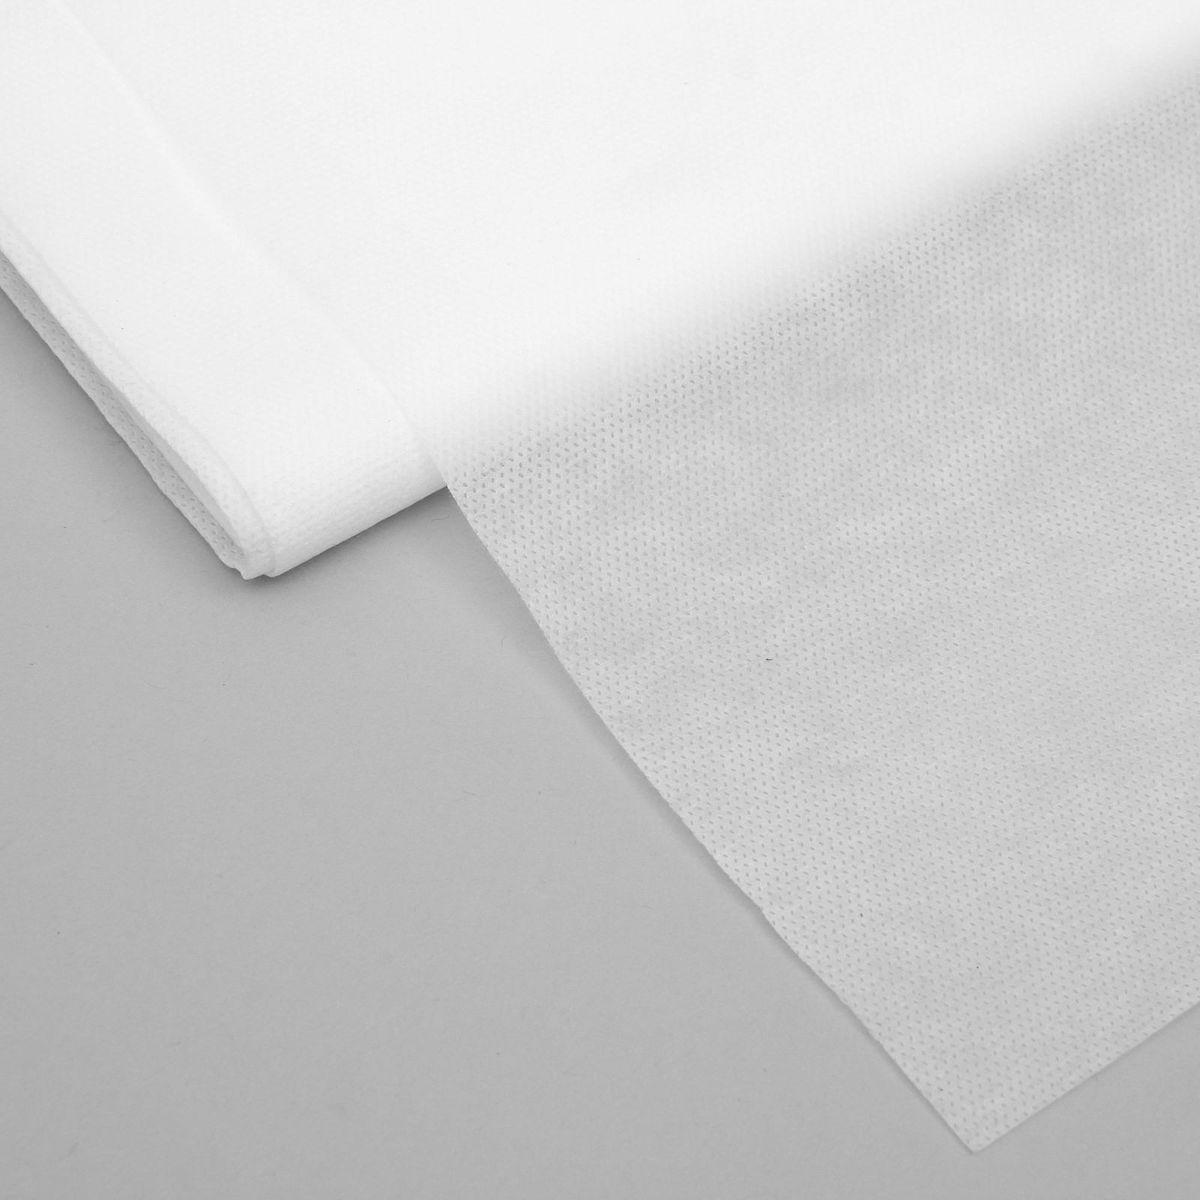 Материал укрывной Агротекс, цвет: белый, 10 х 1,6 м 69357209840-20.000.00Многофункциональность, надёжность и высокое качество — вот отличительные черты укрывного материала «Агротекс». Позаботьтесь о своих посадках заранее!Укрывной материал можно использовать на грядках. Благодаря специально разработанной текстуре он обеспечит надёжную защиту даже самых ранних побегов от:заморозковсолнечных ожоговхолодной росыдождейптиц и грызунов.Он создаёт мягкий, комфортный микроклимат, который способствует росту и развитию рассады. Благодаря новейшим разработкам укрывной материал удерживает влагу, и растения реже нуждаются в поливе.Ближе к зиме опытные садоводы укутывают им стволы деревьев, теплицы и грядки, чтобы исключить промерзание земли и корневой системы. Материал «Агротекс» поможет вам ускорить процесс созревания растений, повысит урожайность, сэкономит средства и силы по уходу за садом.